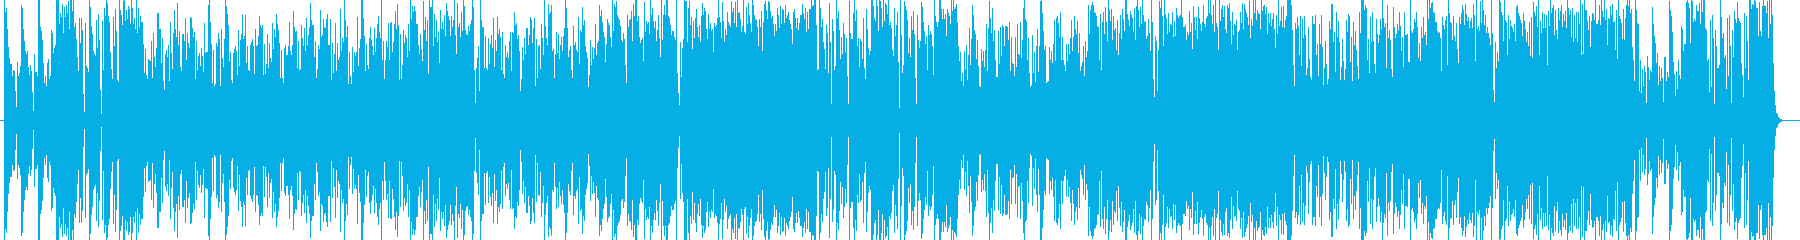 軽やかで爽快感溢れるミュージックの再生済みの波形